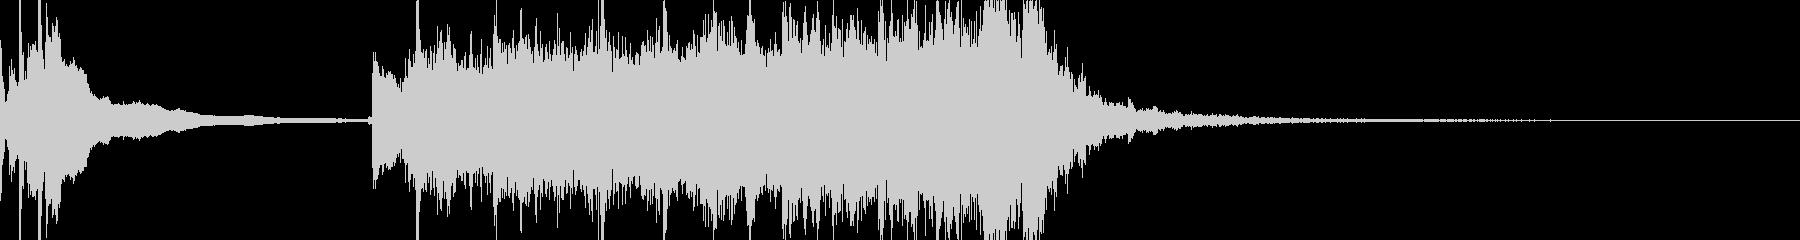 和風動画のタイトル画面に最適なMEの未再生の波形